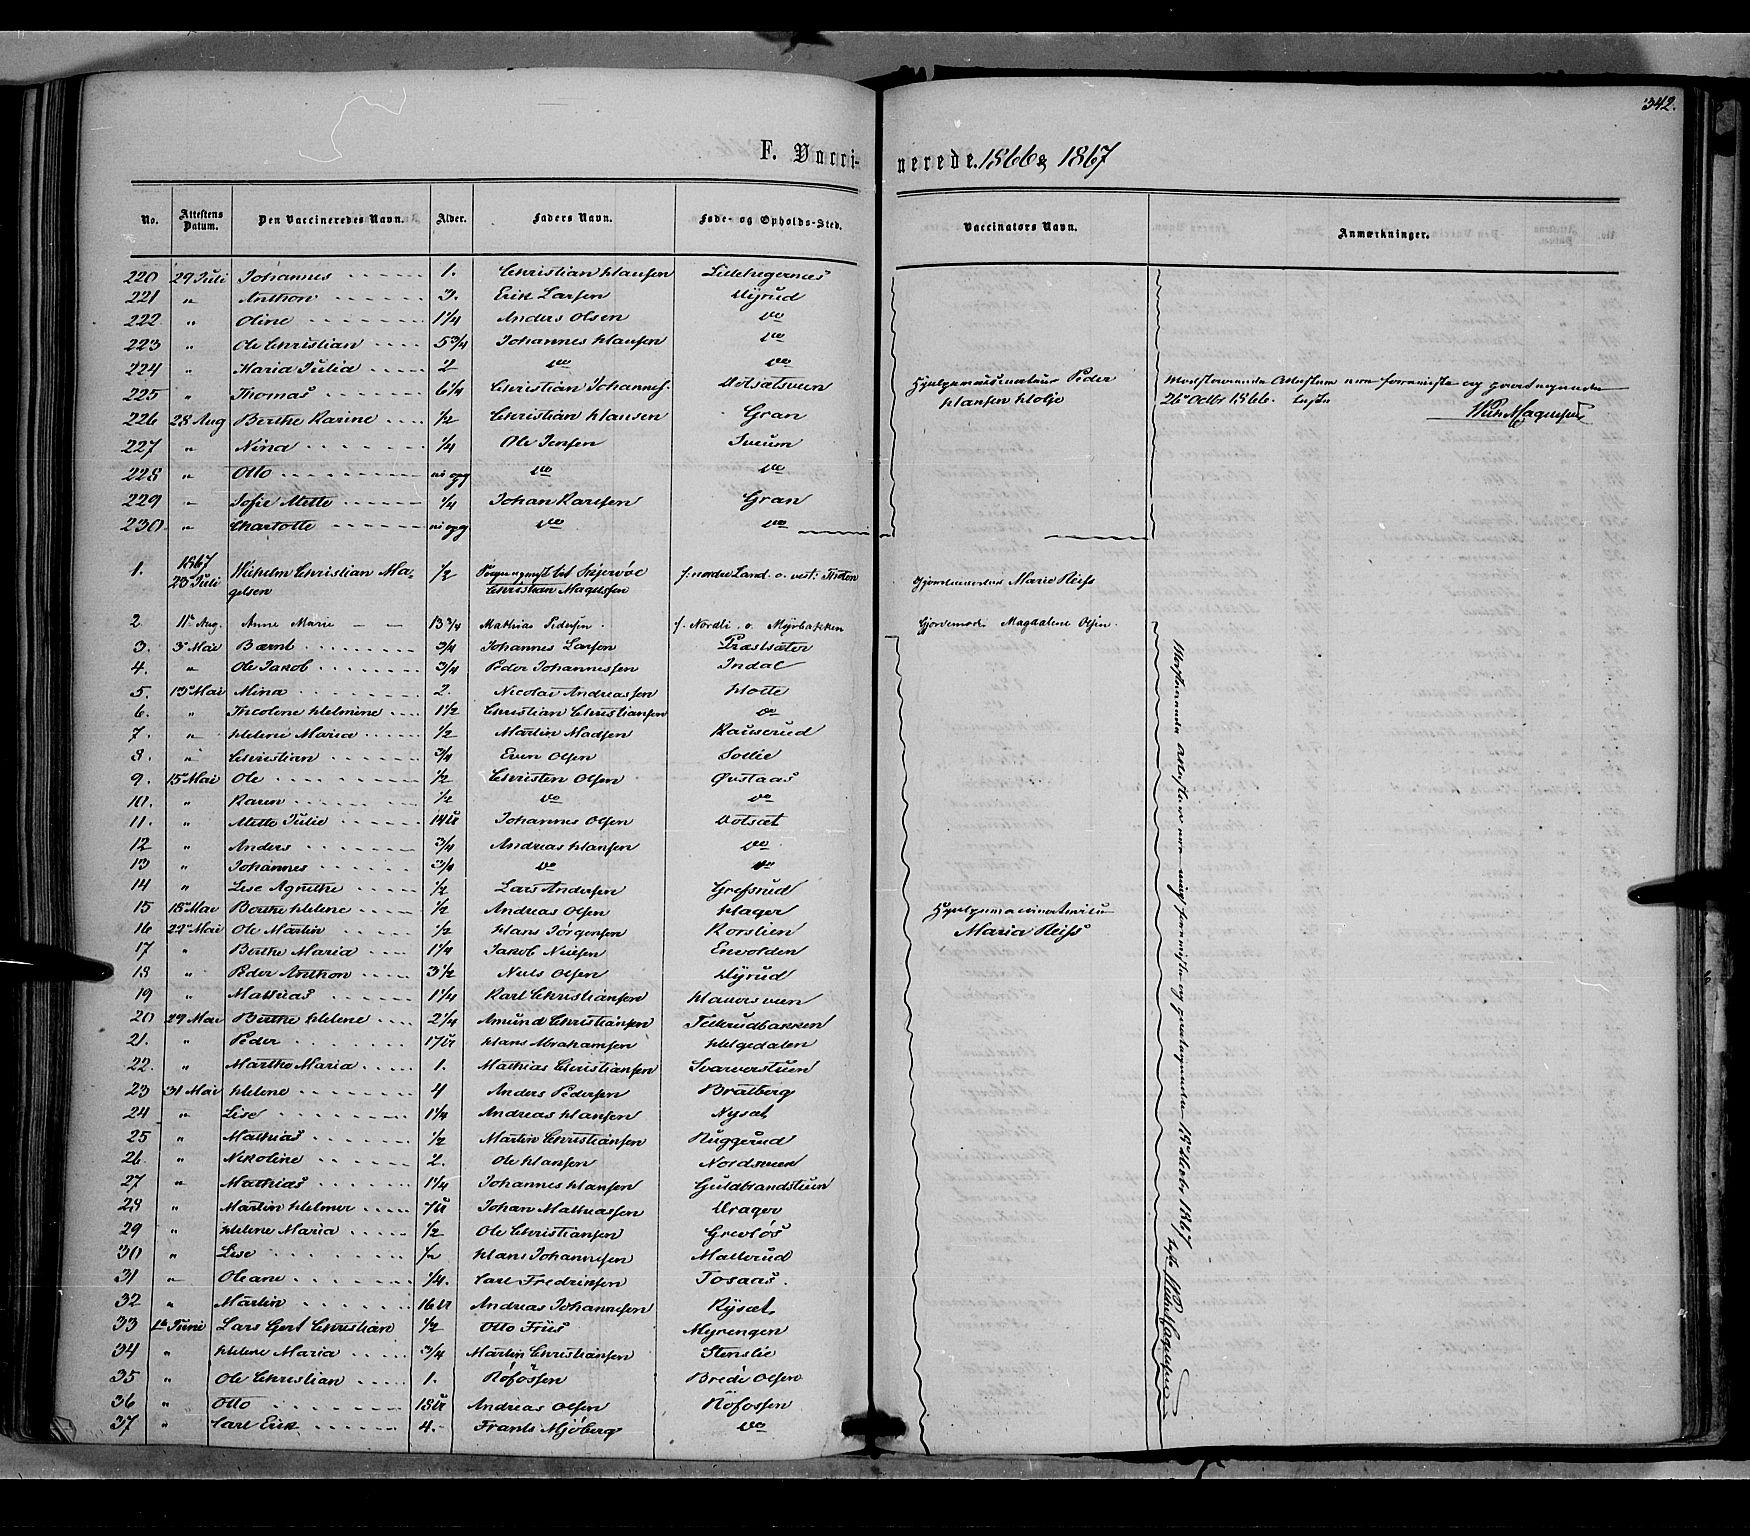 SAH, Vestre Toten prestekontor, Ministerialbok nr. 7, 1862-1869, s. 342